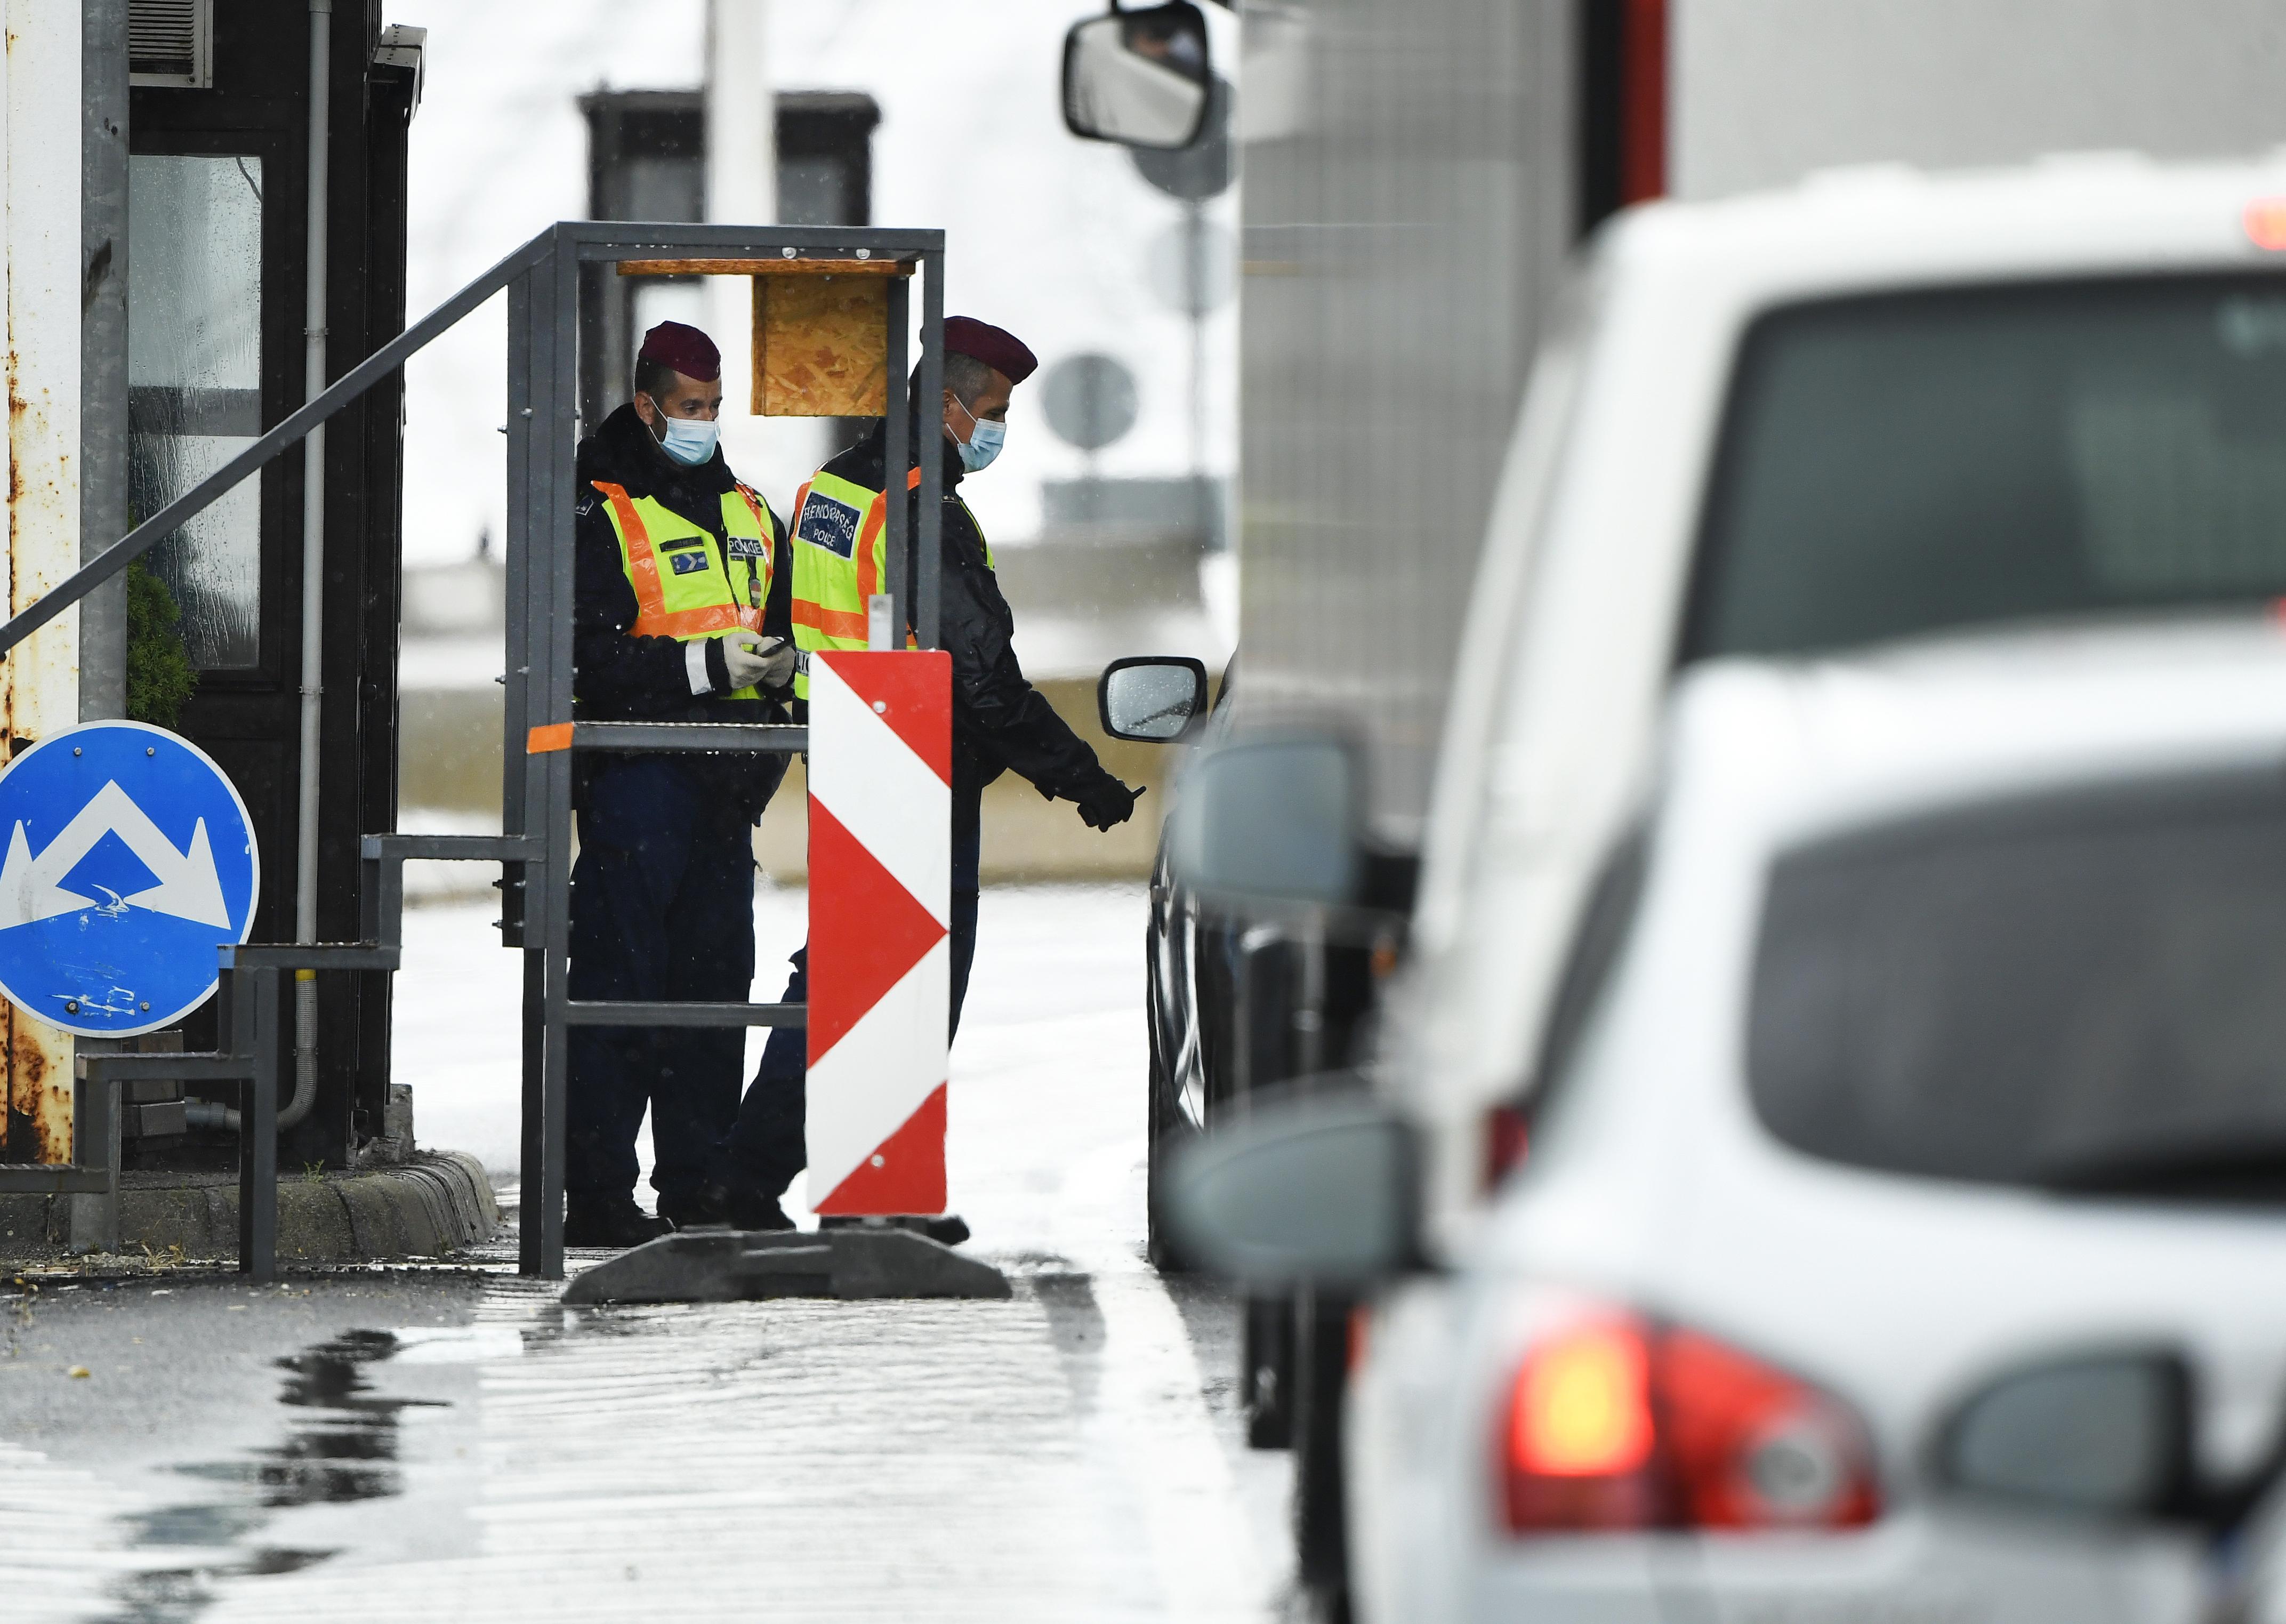 Figyelmeztetés Brüsszelből: a magyar kormány túl szigorú határzárja veszélyezteti az ellátási láncokat